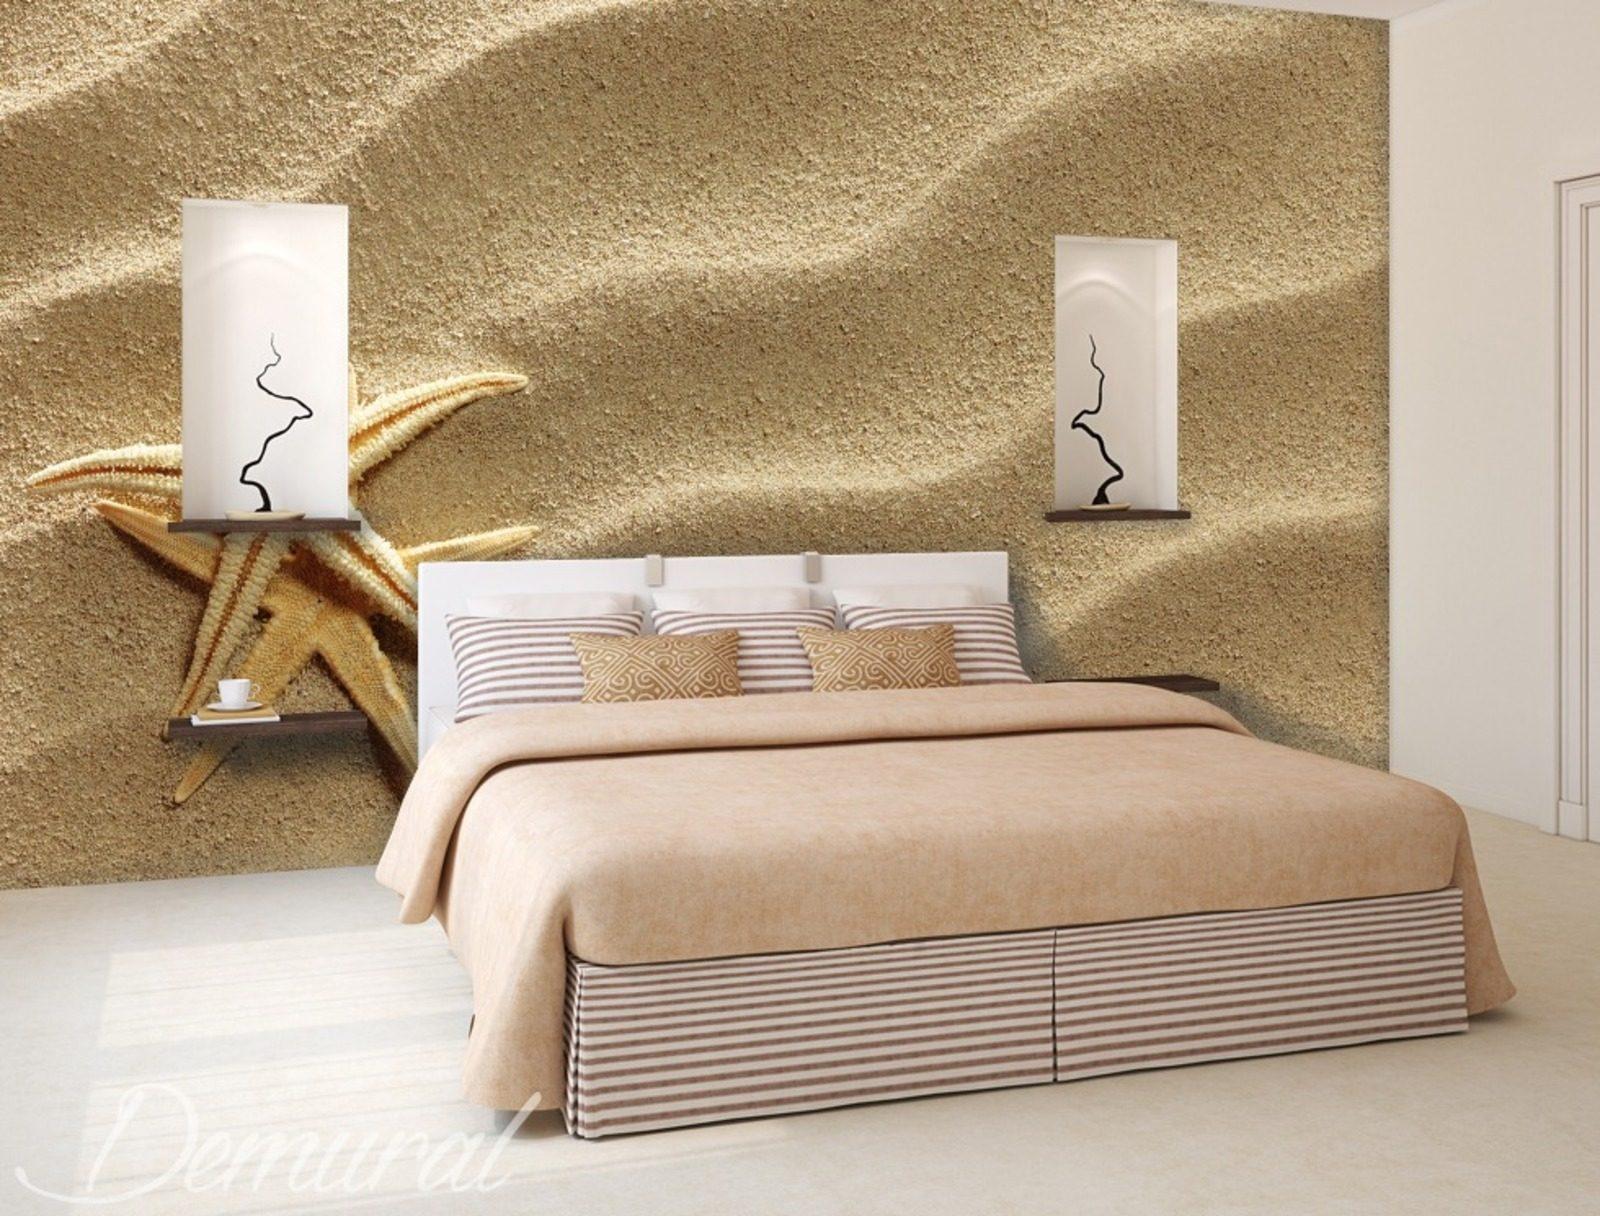 sables non mouvants papier peint pour le chambres. Black Bedroom Furniture Sets. Home Design Ideas